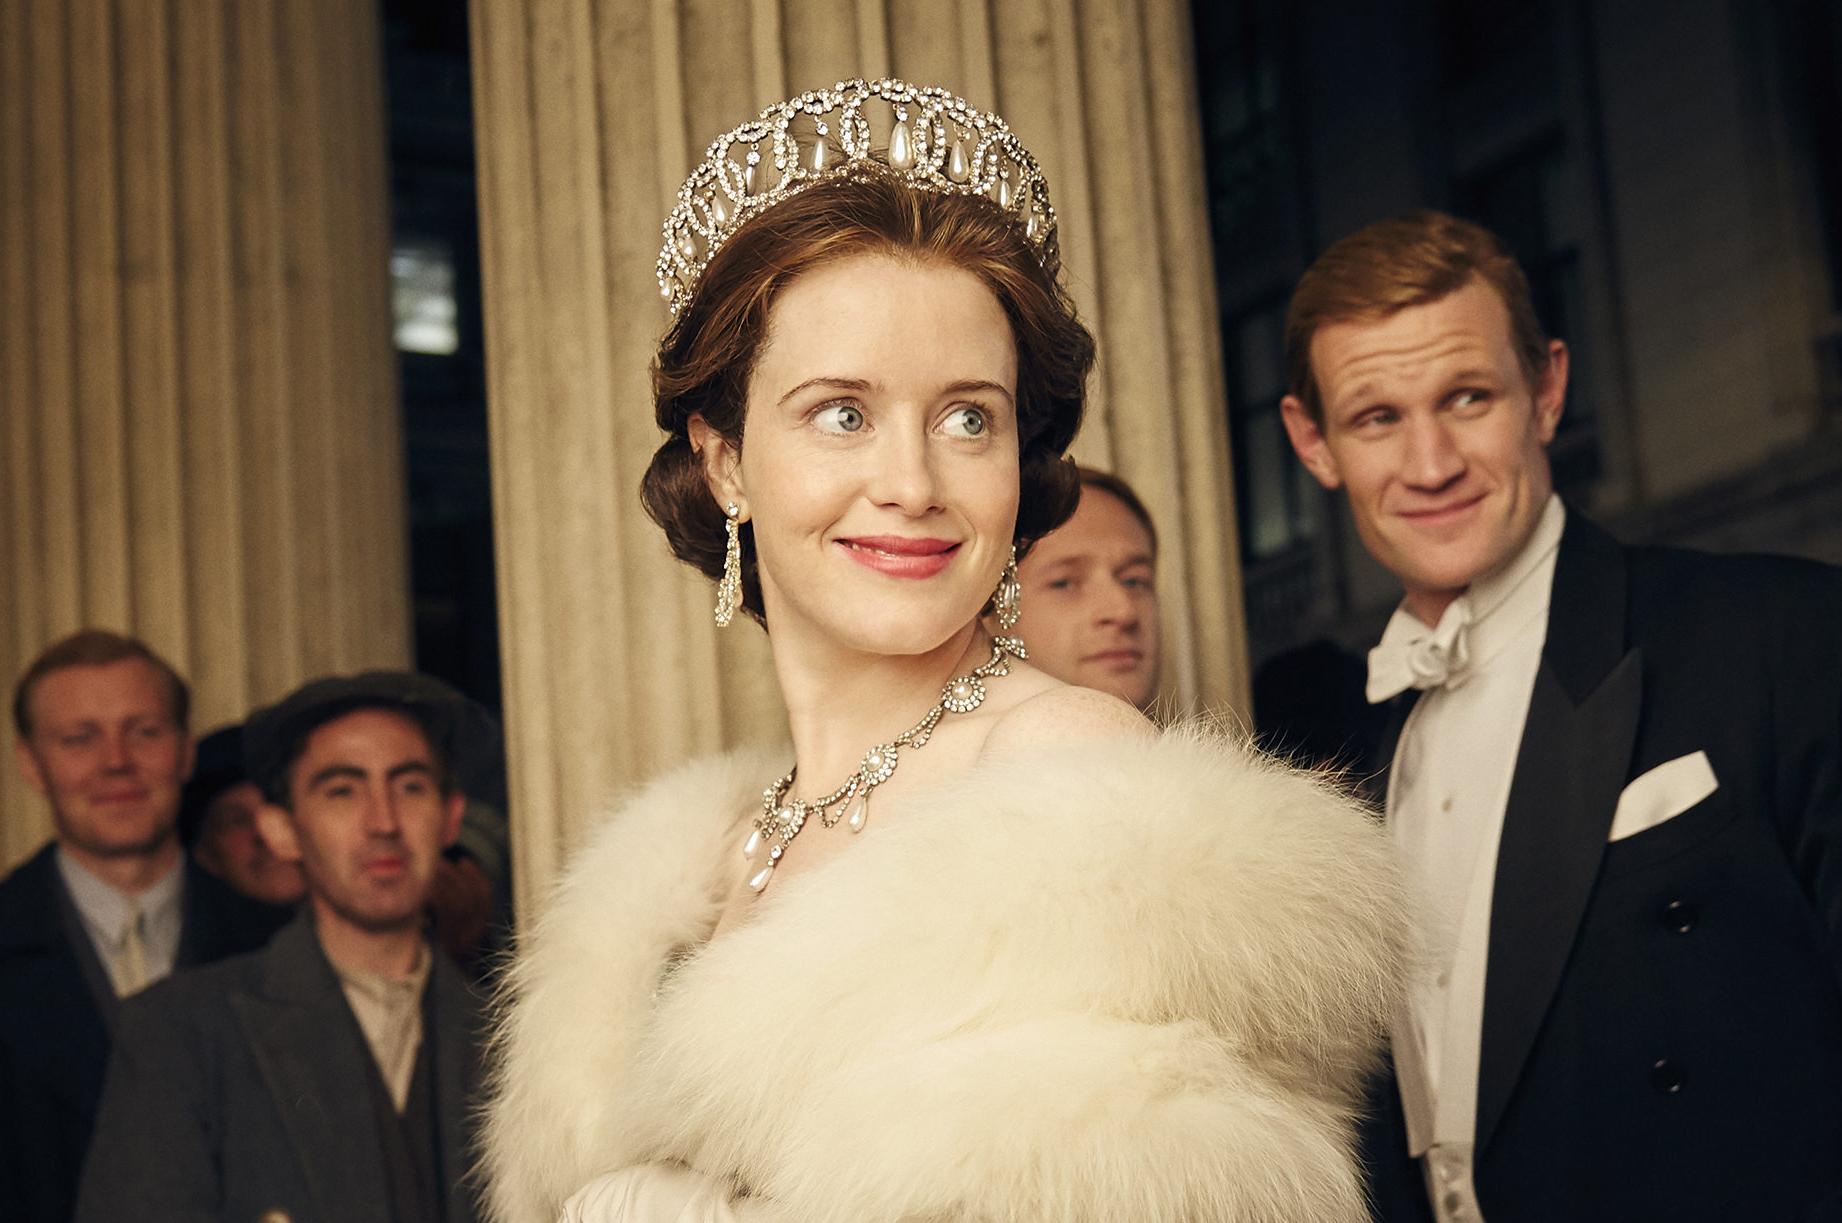 Birleşik Krallık hükümeti, The Crown dizisinin gerçek zannedilmesinden endişeli | Independent Türkçe